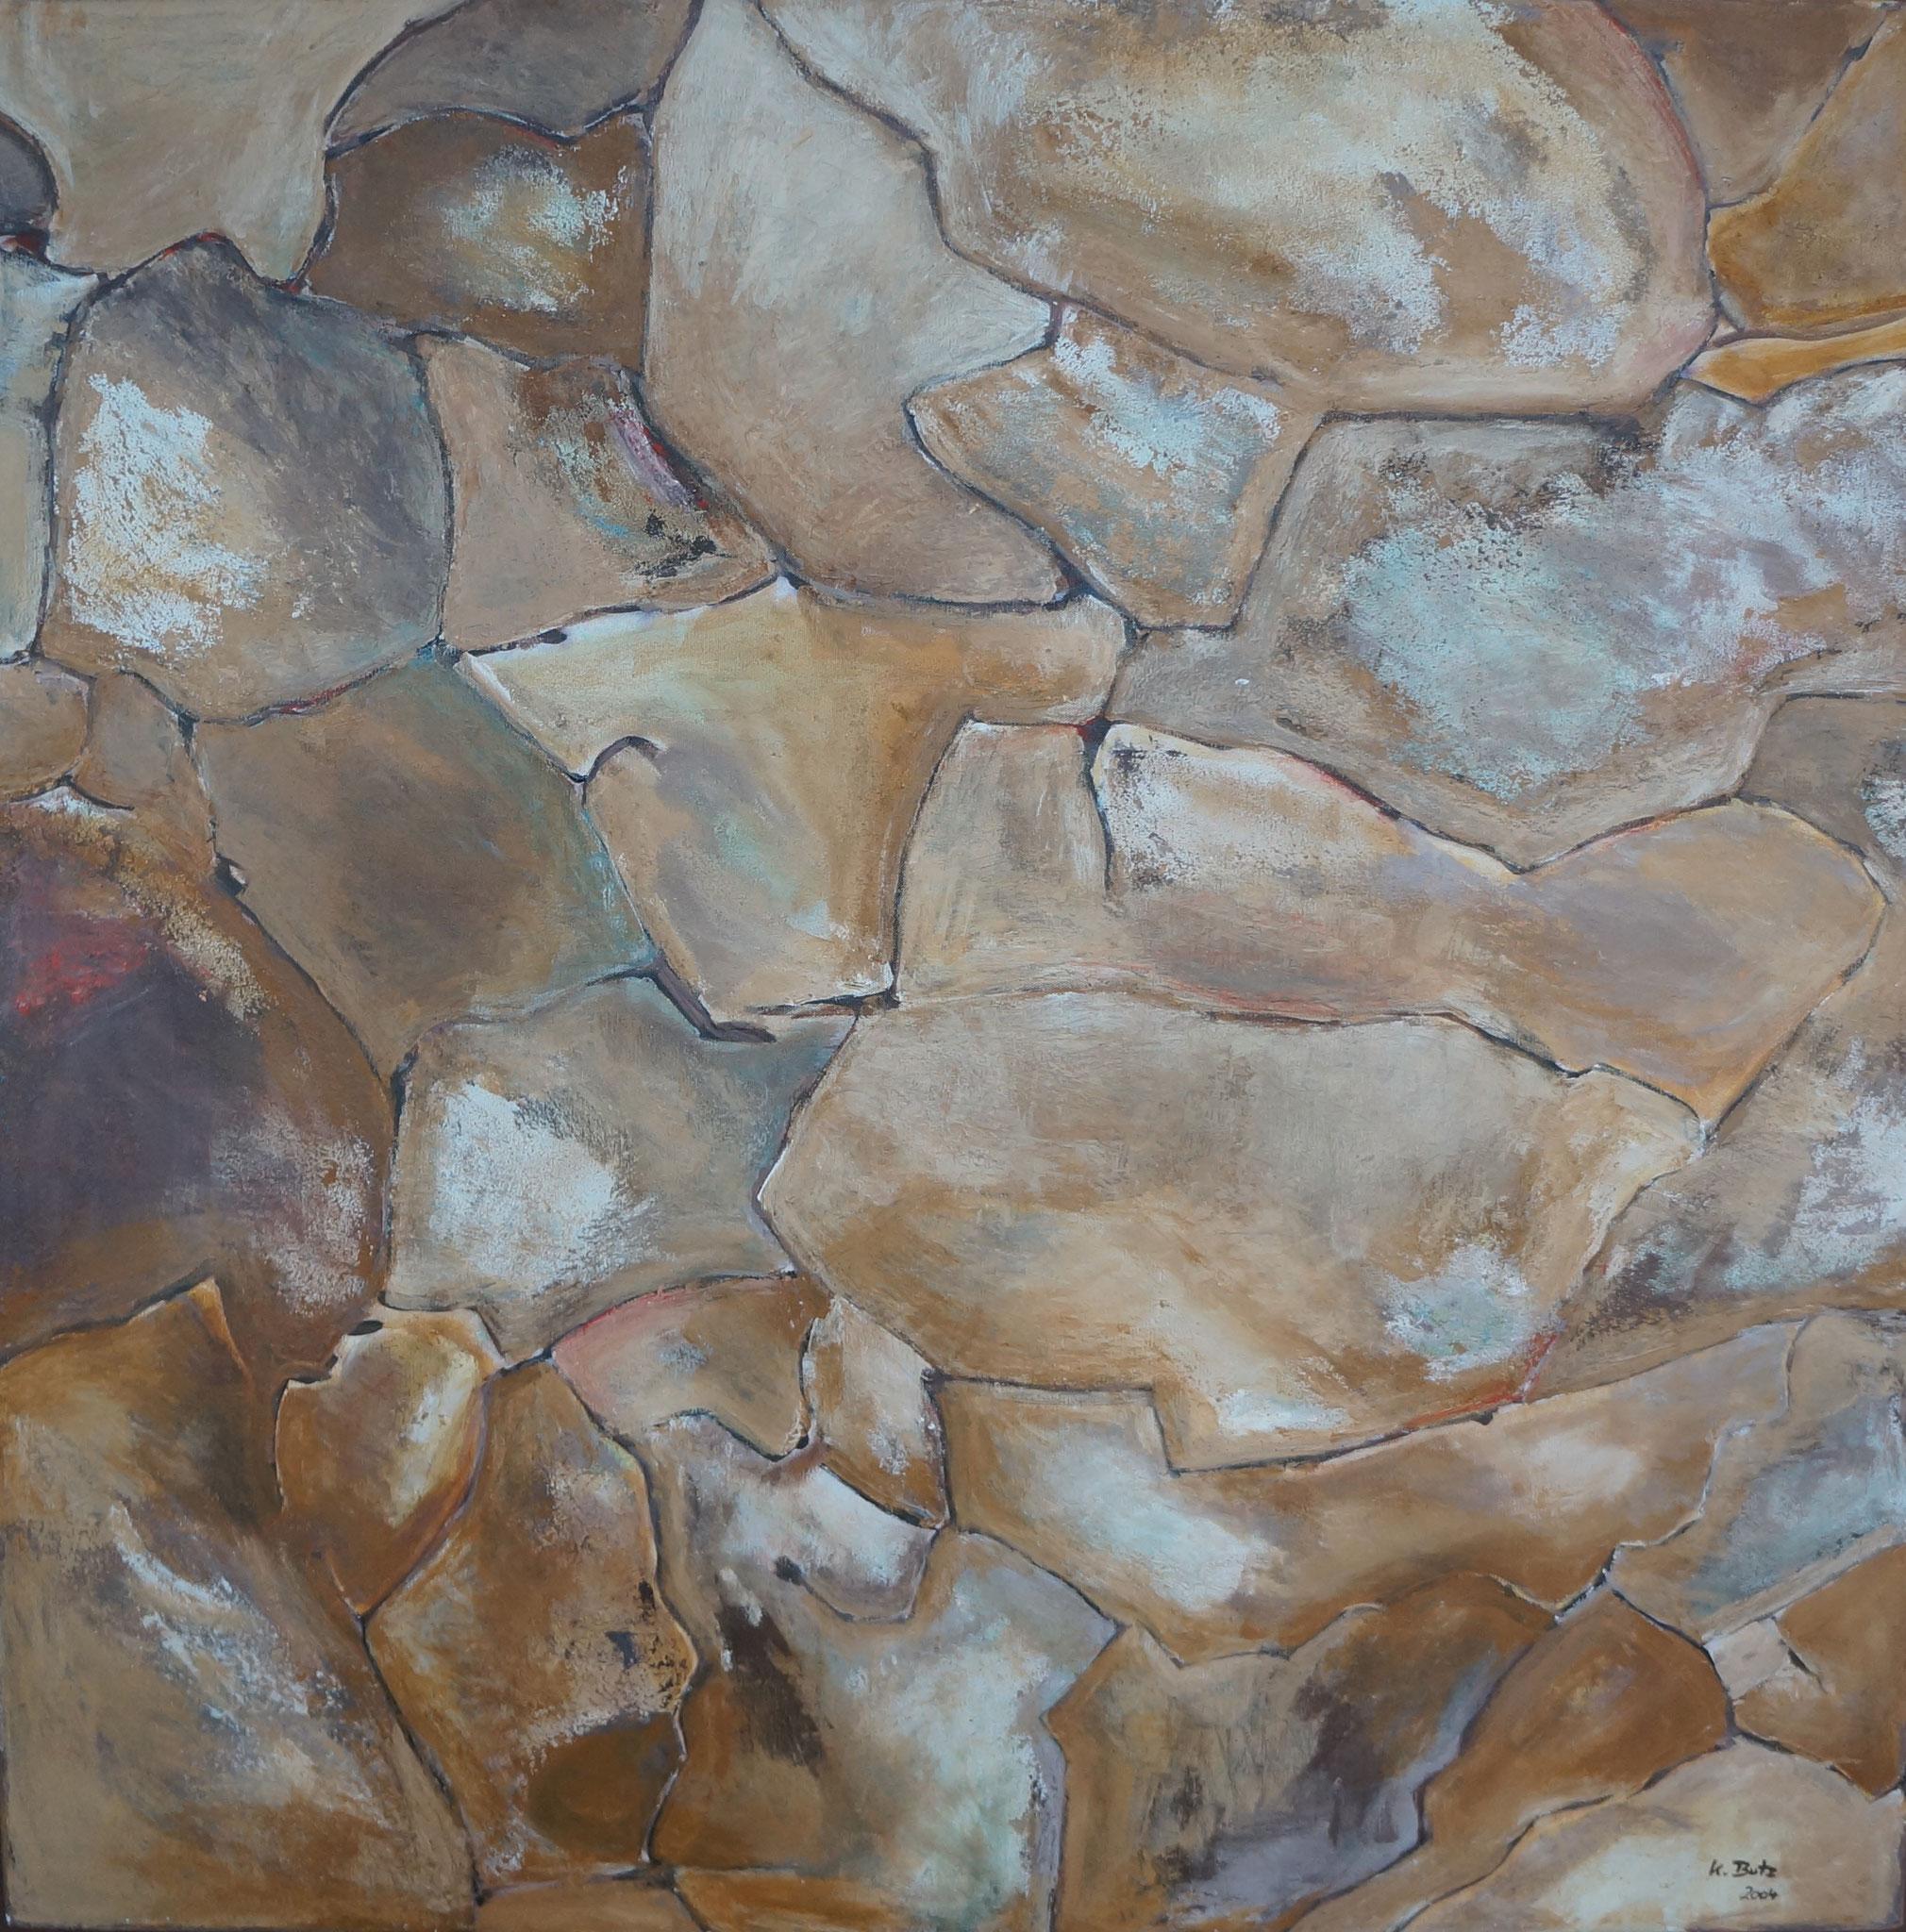 Erde, 100cm x 100cm, Acryl auf Leinwand, 2004